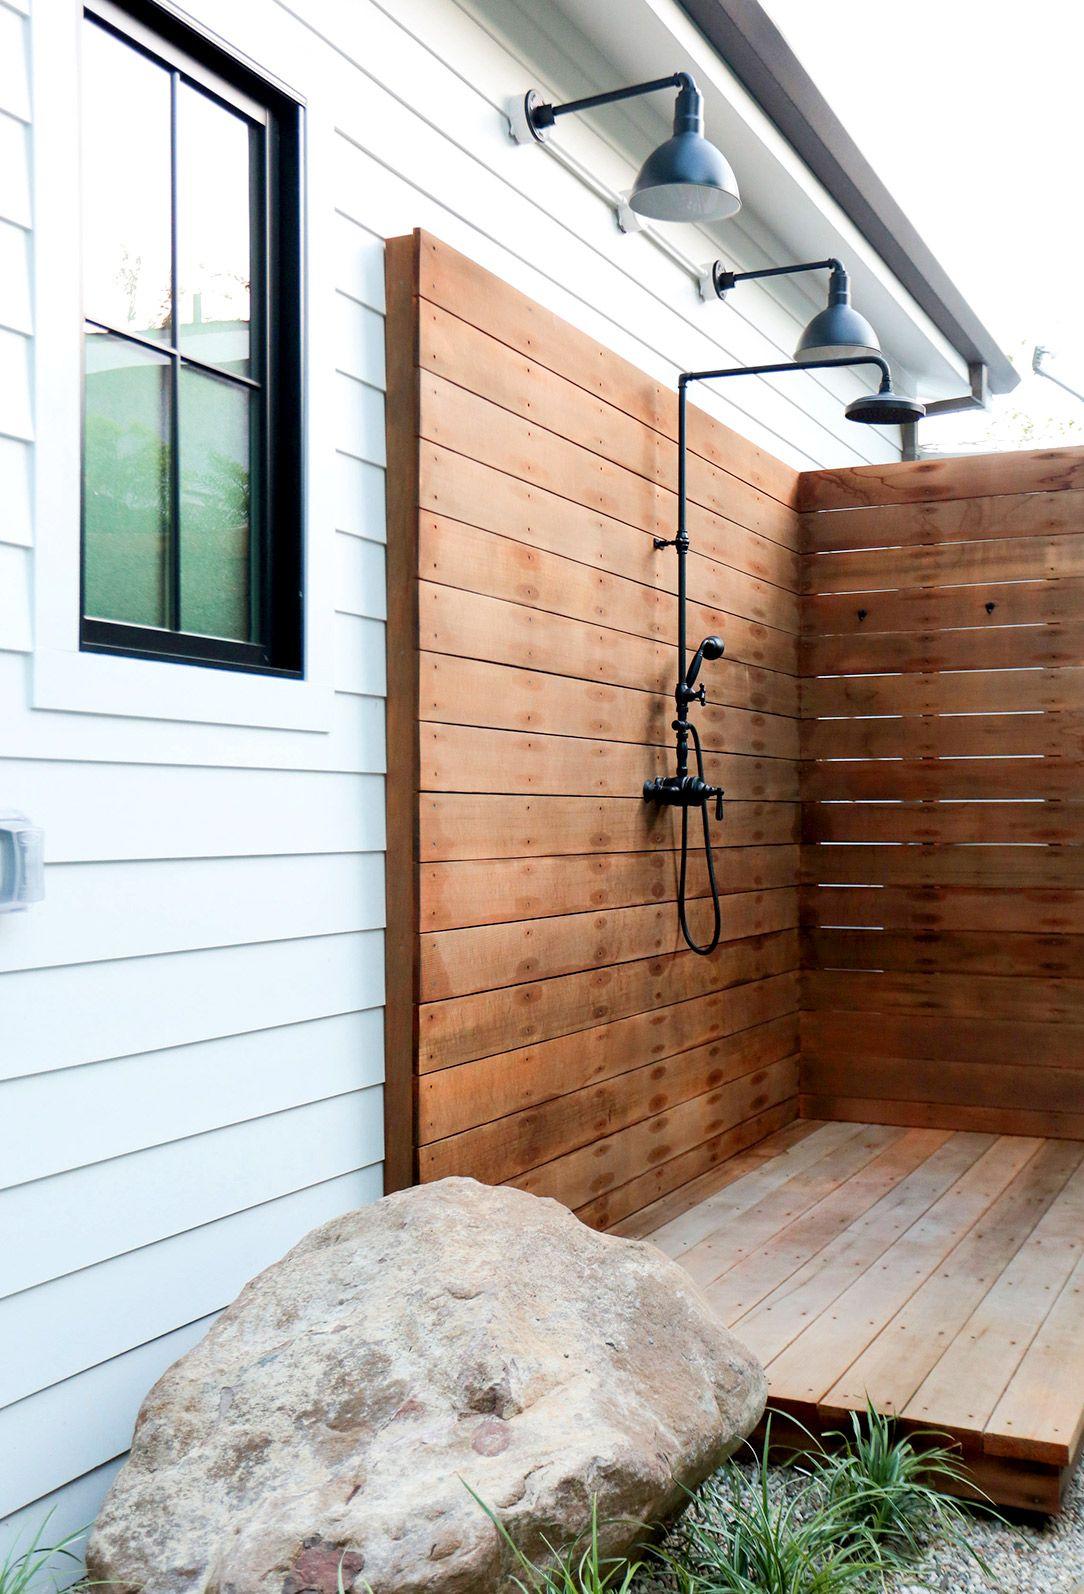 Best 25 Outdoor shower fixtures ideas on Pinterest  Outdoor showers Outdoor shower